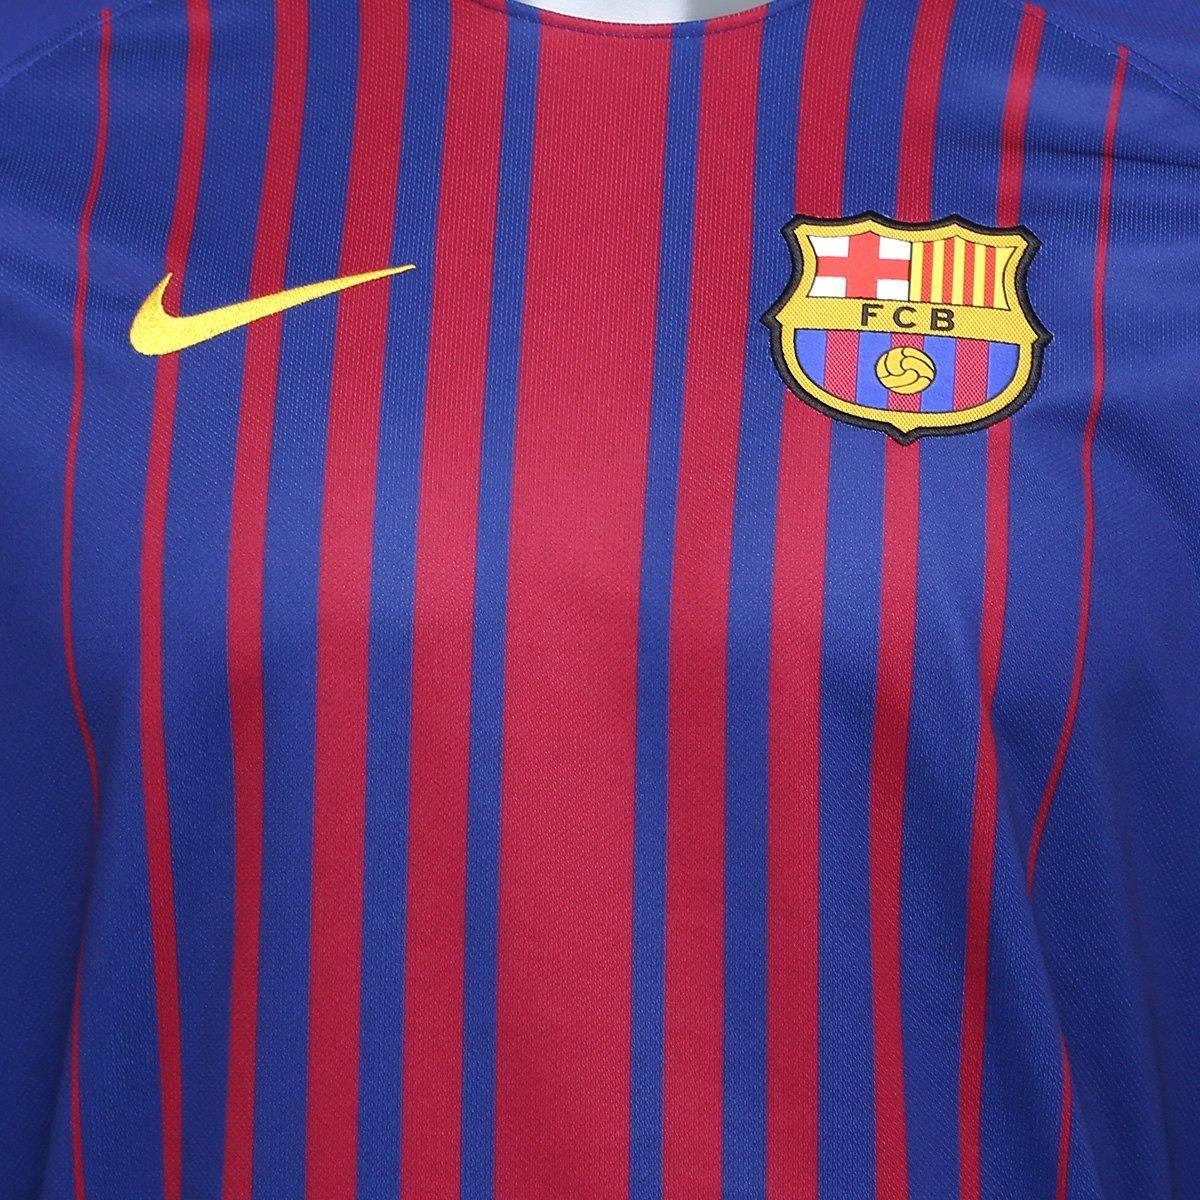 b4eb21dfecc66 camisa barcelona 17 18 messi 10 torcedor promoção relâmpago. Carregando  zoom.